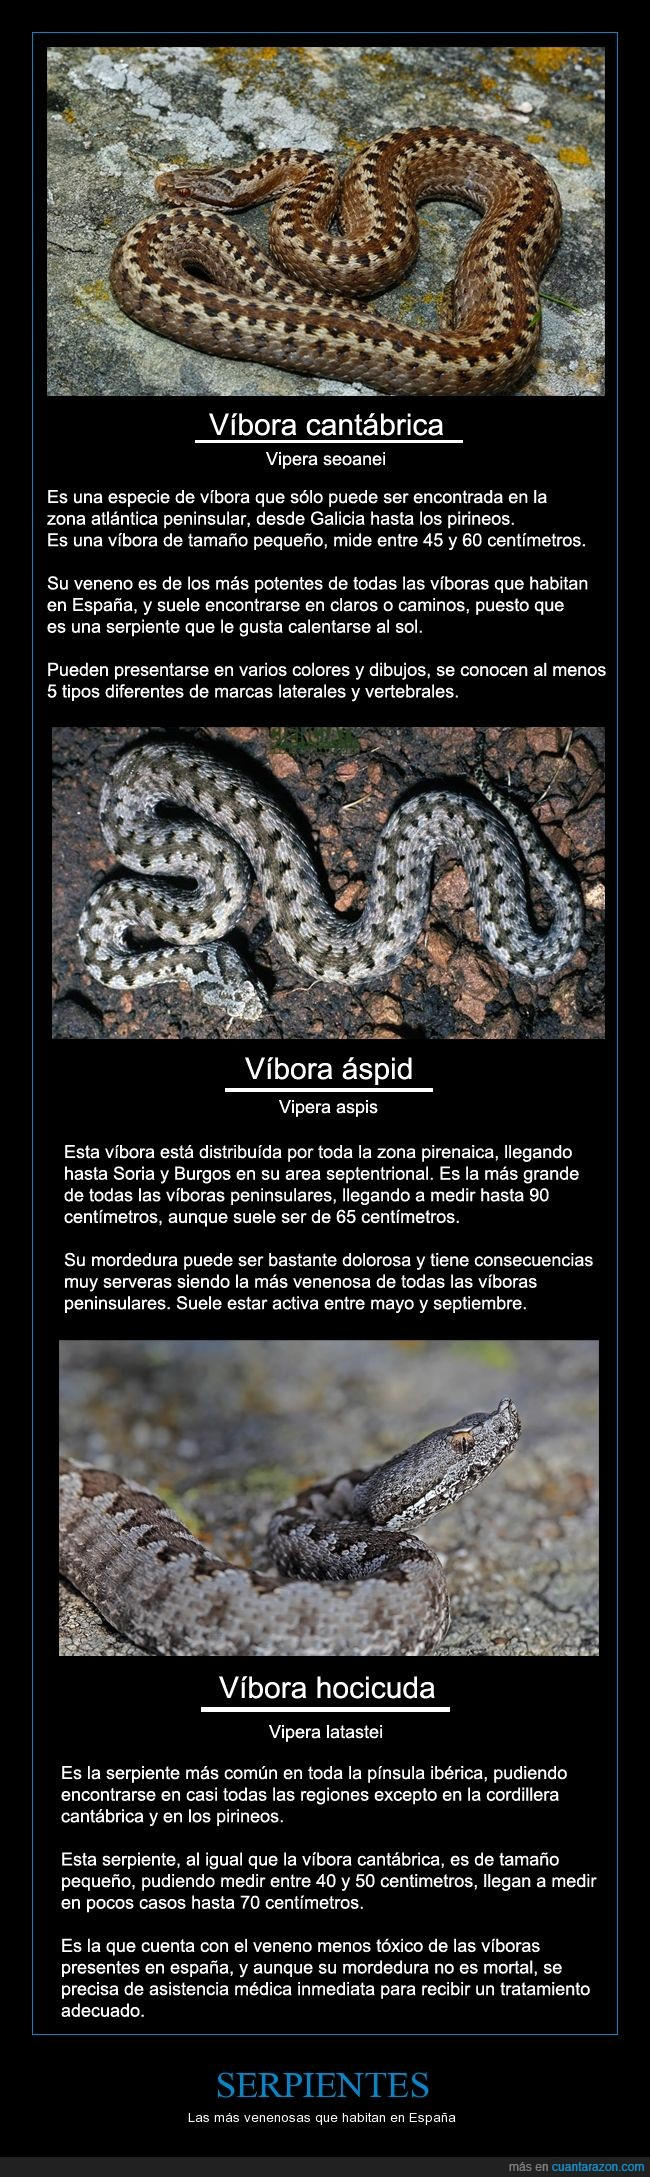 españa,por una vez no vienen de australia,serpientes,veneno,venenosas,víbora,víbora áspid,víbora cantábrica,víbora hocicuda